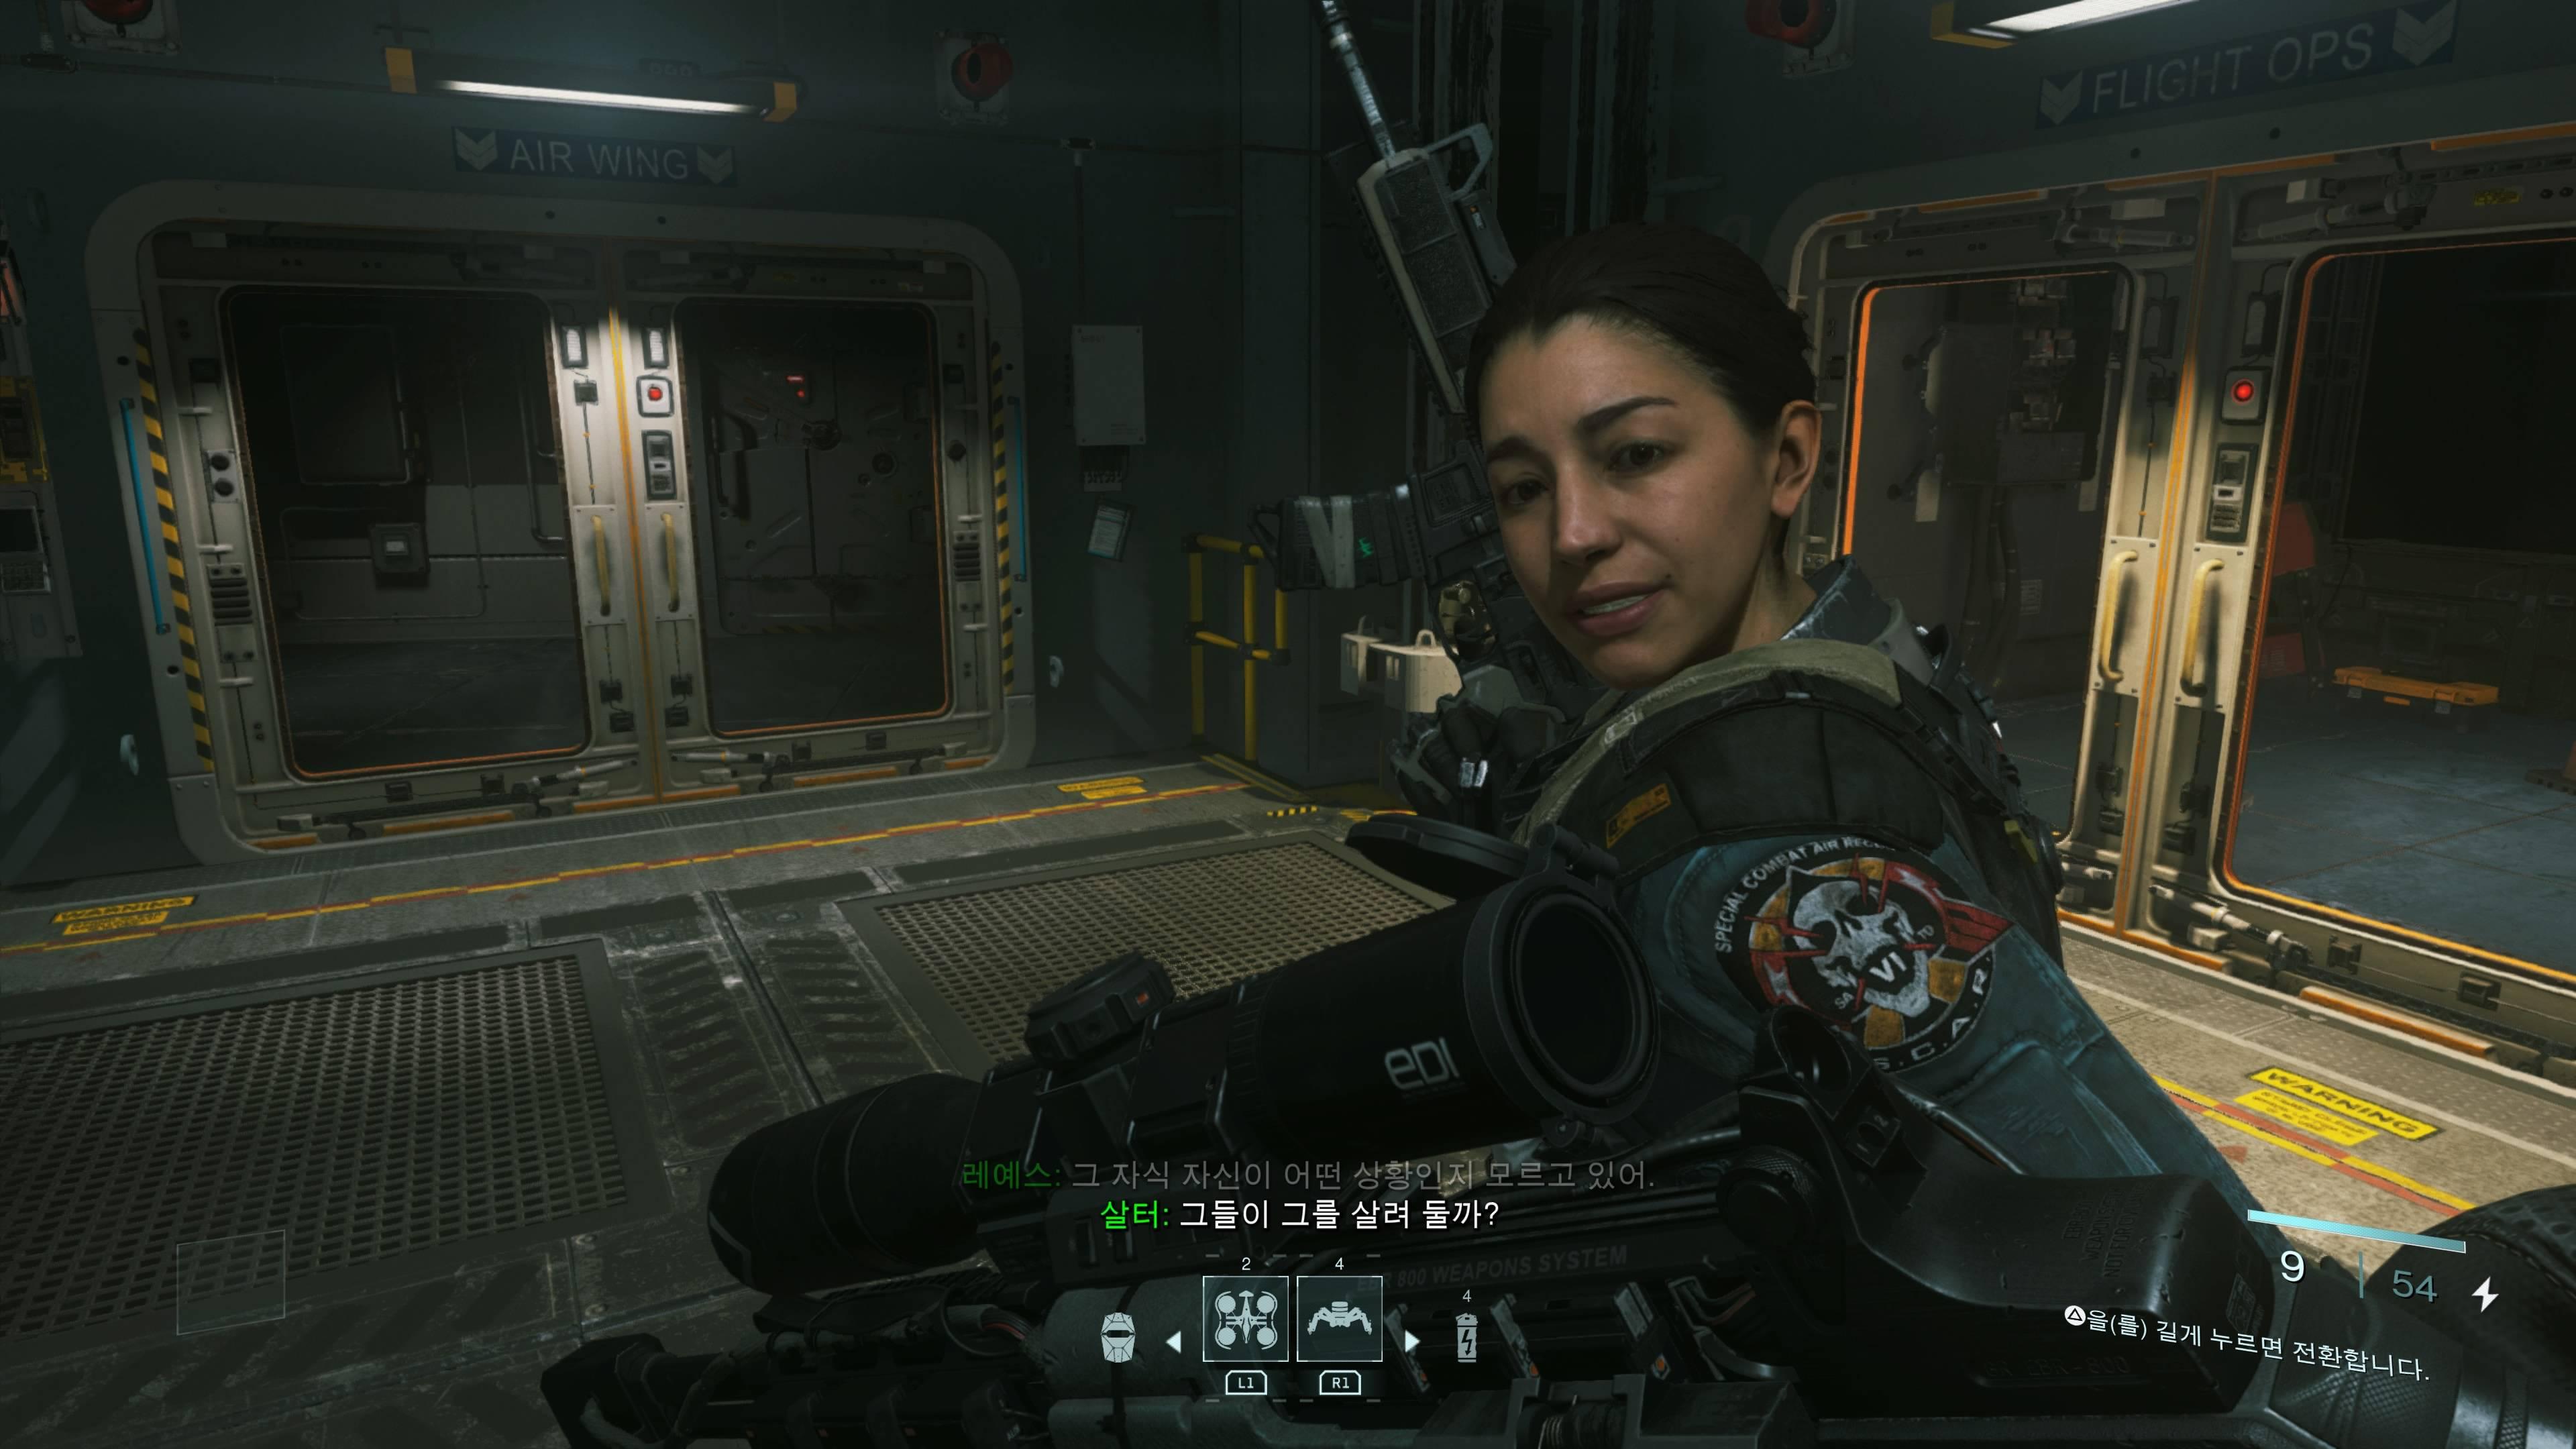 수정됨_Call of Duty®_ Infinite Warfare_20180917062146.jpg